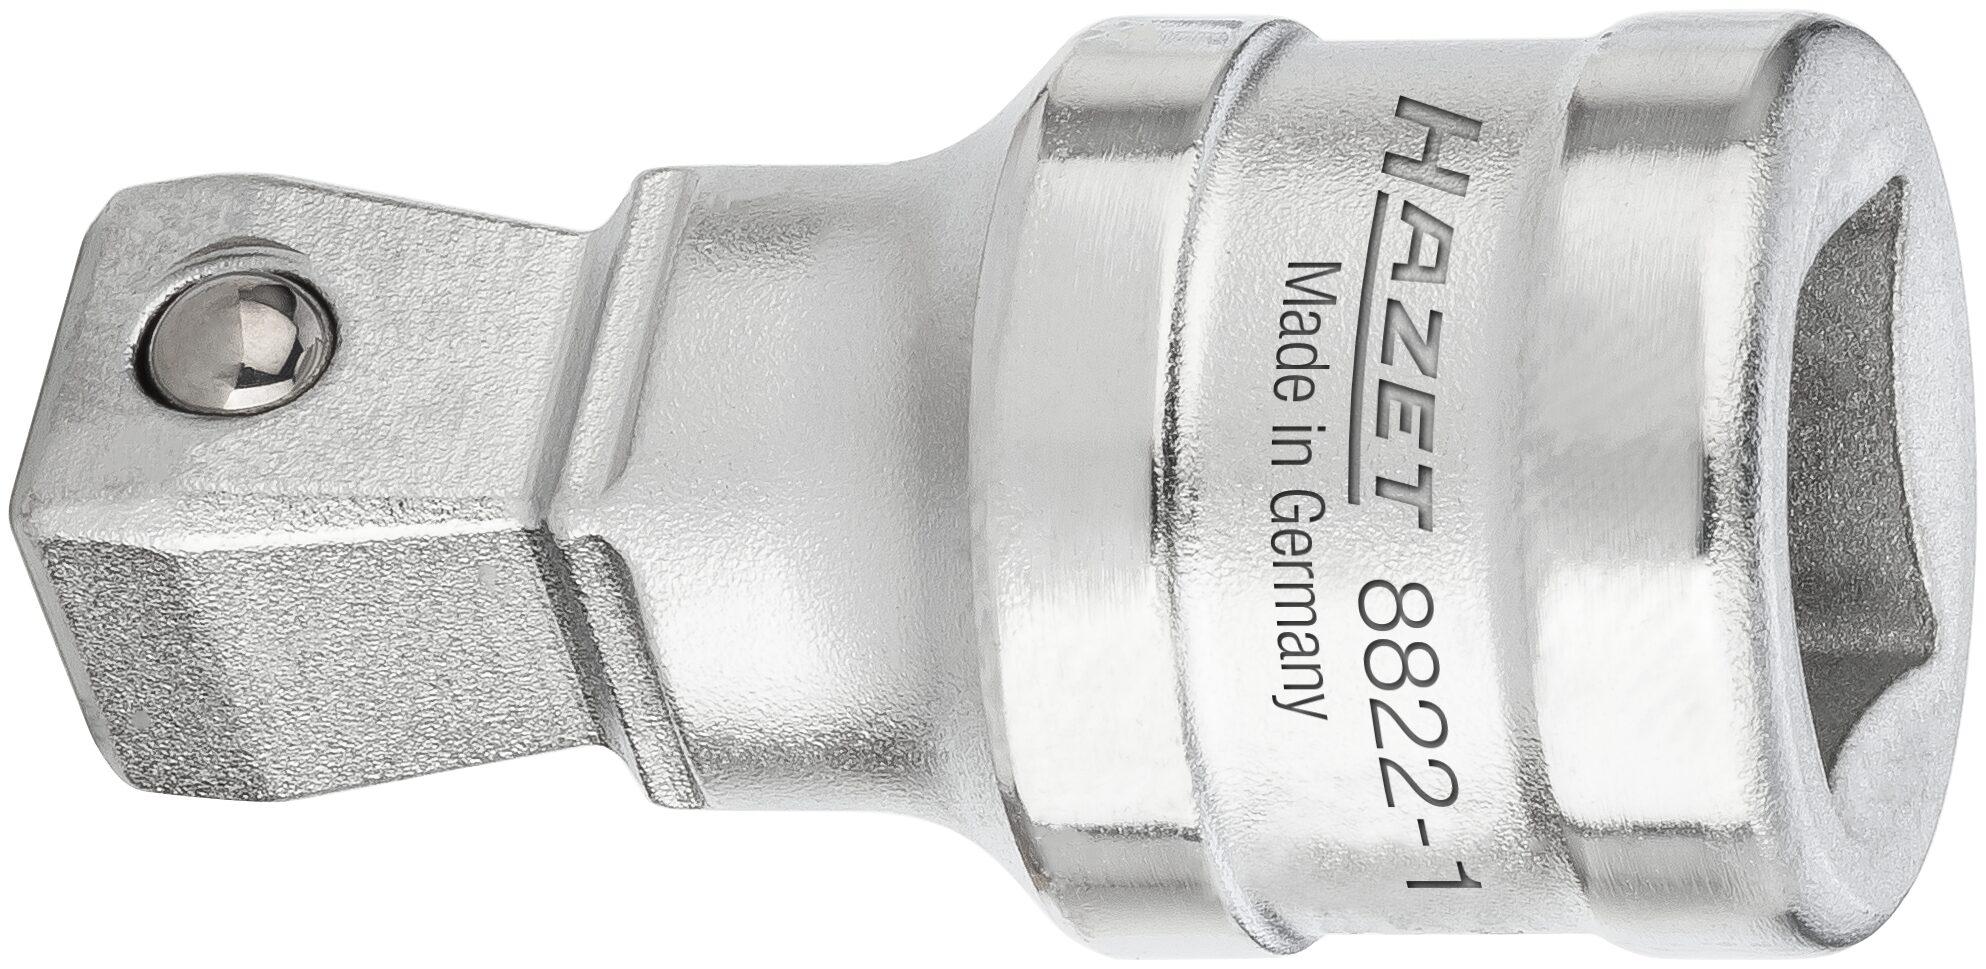 HAZET Verlängerung ∙ schwenkbar 8822-1 ∙ Vierkant hohl 10 mm (3/8 Zoll) ∙ Vierkant massiv 10 mm (3/8 Zoll)